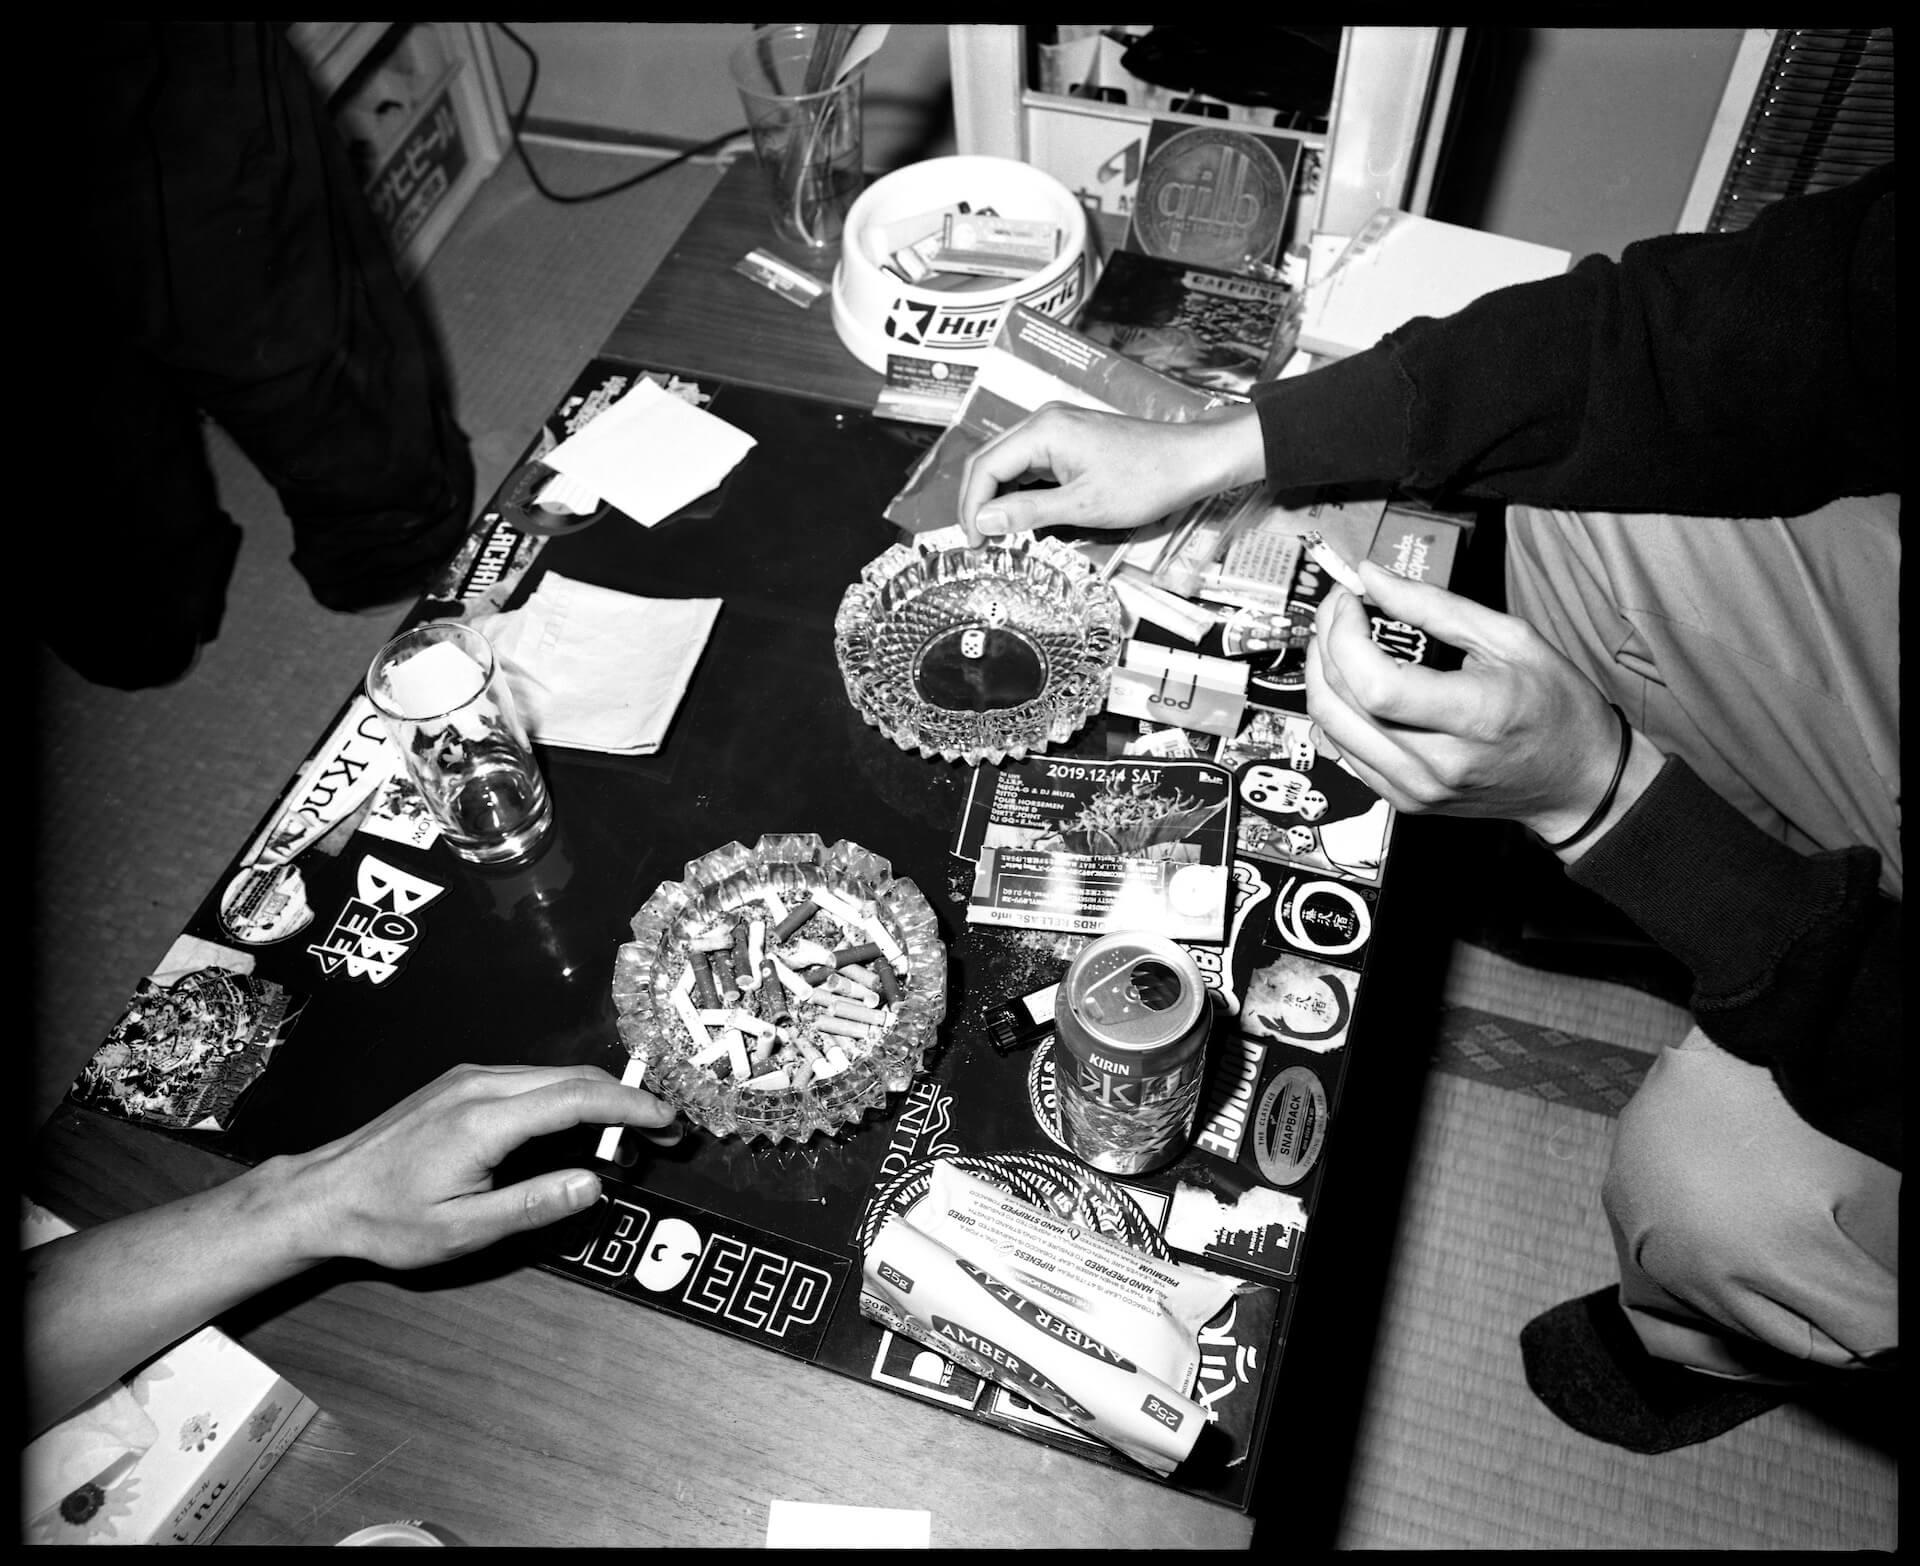 共にいる人たちへの郷愁──股旅(DUSTY HUSKY × DJ SHOKI × にっちょめ)、インタビュー interview2106-matatabi-dliprecords-11